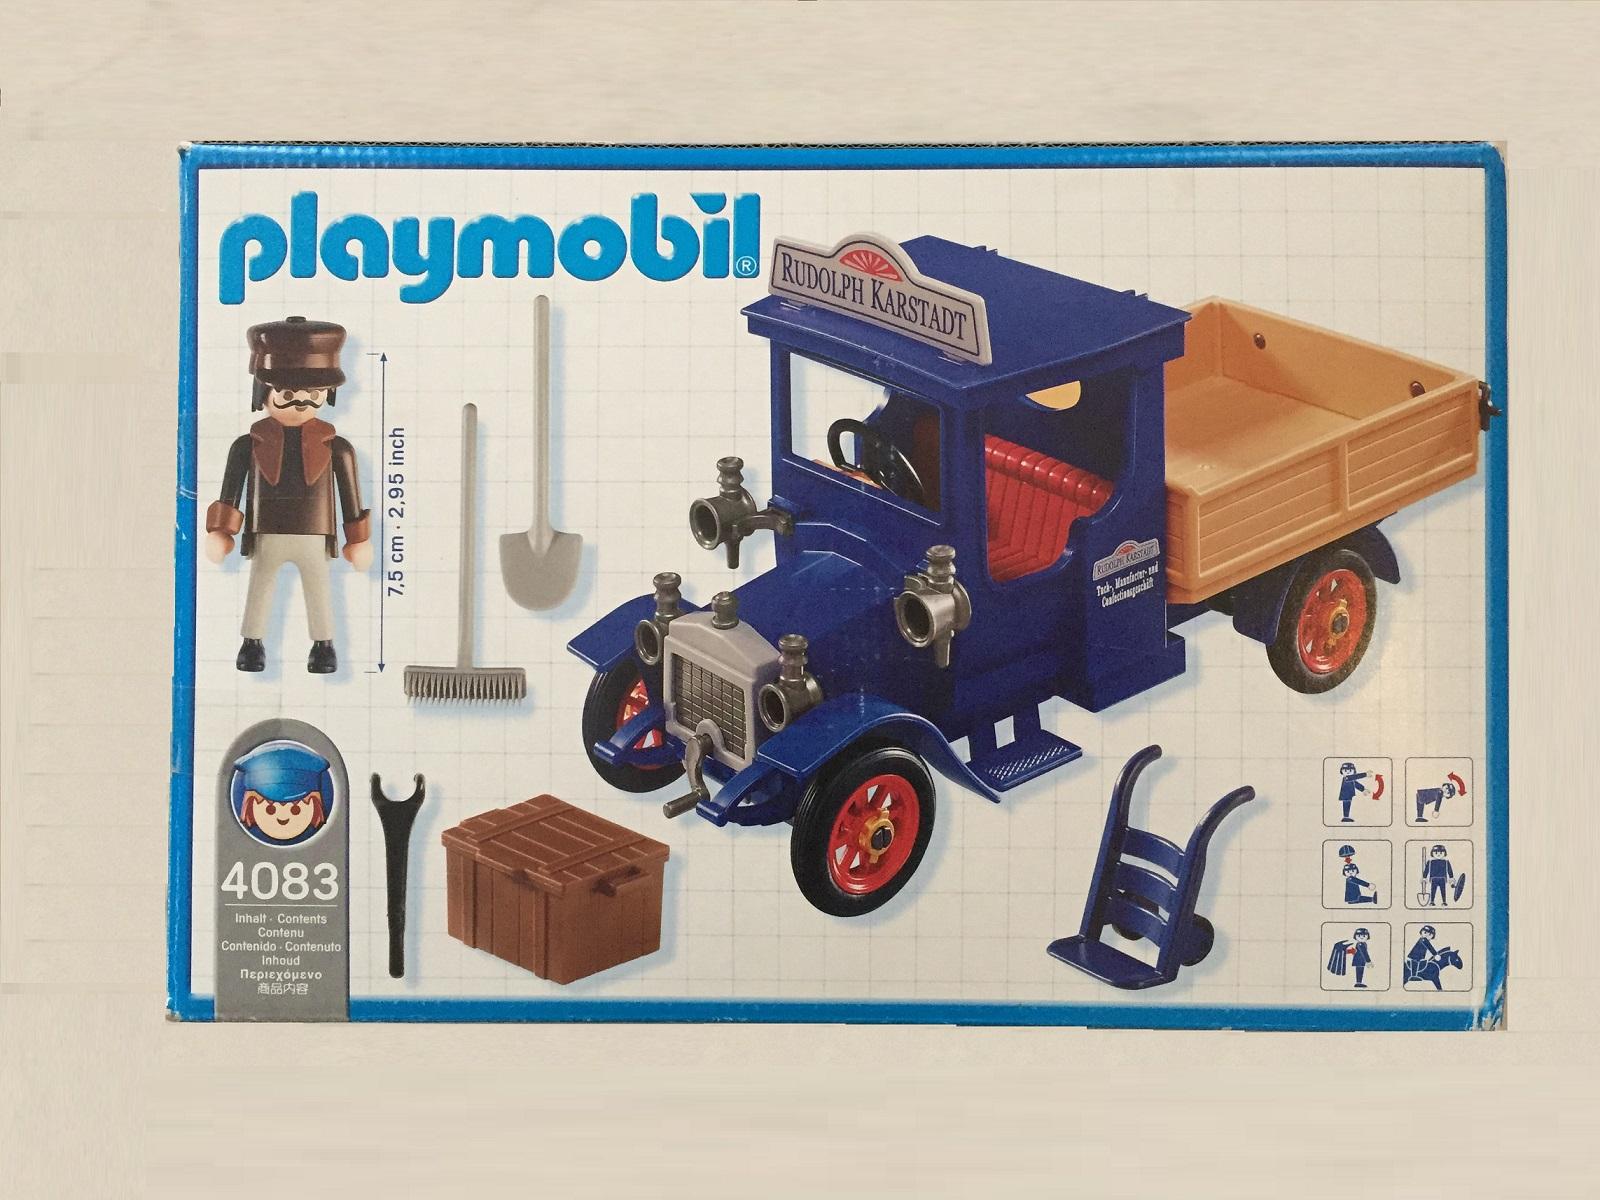 pièce détachée set Playmobil 4083 camion de livraison belle époque 1900